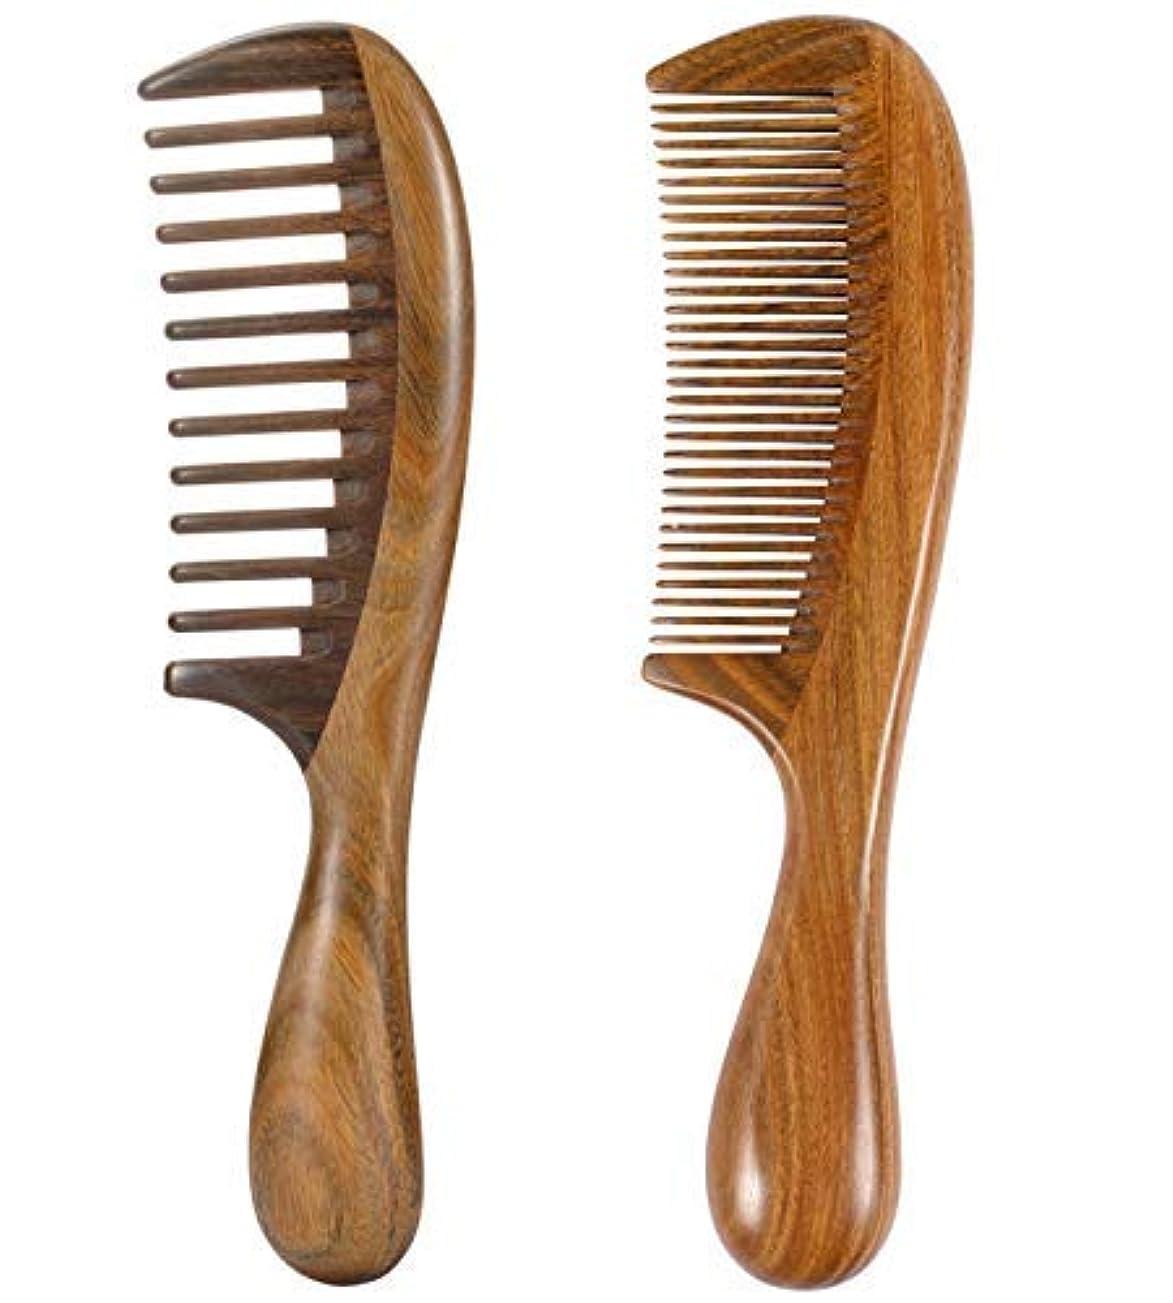 払い戻しエージェントライナーiPang 2pcs Wooden Hair Comb Wide Tooth Comb and Find Tooth Comb Detangling Sandalwood Comb [並行輸入品]